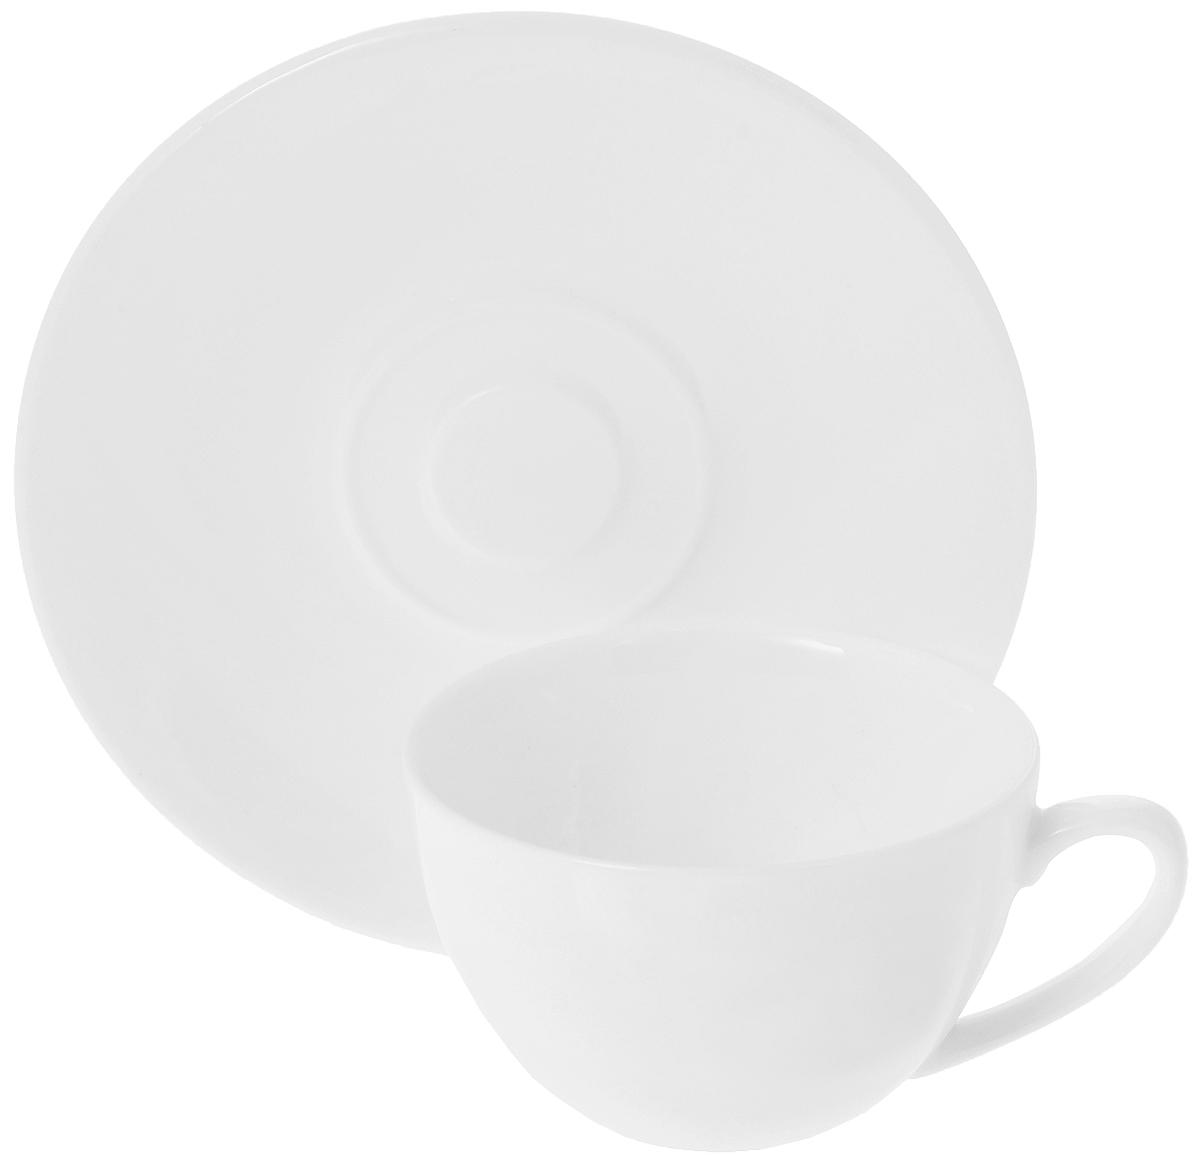 Кофейная пара Wilmax, 2 предмета. WL-993001 / ABWL-993001 / ABКофейная пара Wilmax состоит из чашки и блюдца. Изделия выполнены из высококачественного фарфора, покрытого слоем глазури. Изделия имеют лаконичный дизайн, просты и функциональны в использовании. Кофейная пара Wilmax украсит ваш кухонный стол, а также станет замечательным подарком к любому празднику.Изделия можно мыть в посудомоечной машине и ставить в микроволновую печь.Объем чашки: 180 мл.Диаметр чашки (по верхнему краю): 8,5 см.Высота чашки: 5 см.Диаметр блюдца: 14 см.